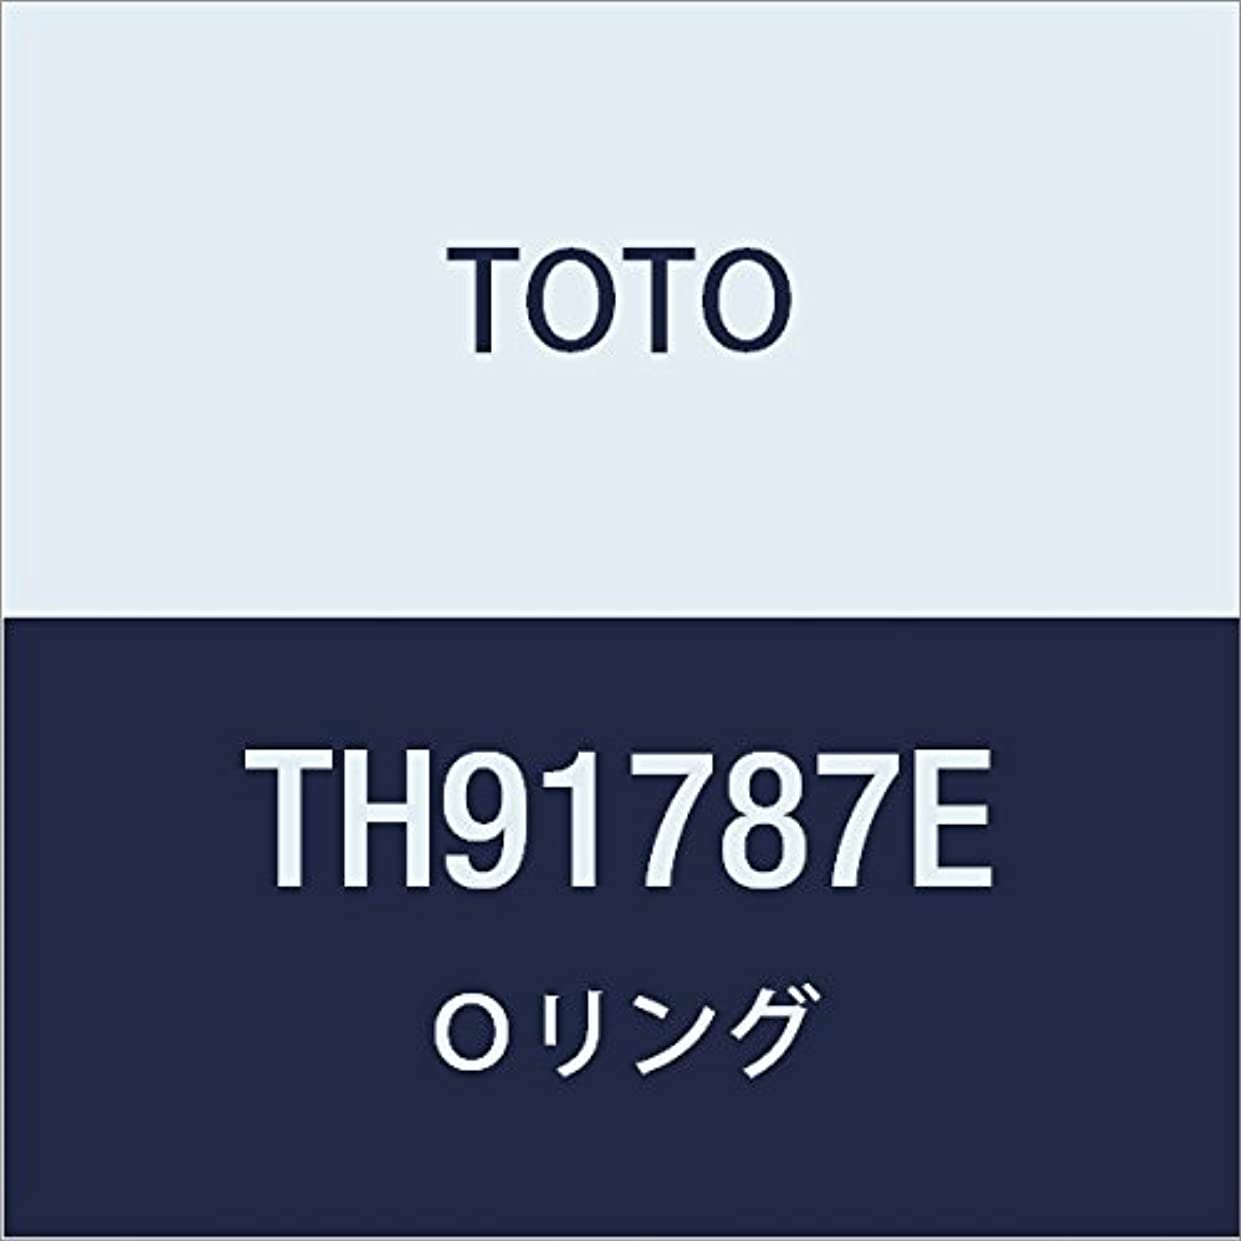 体操選手ピカソヶ月目TOTO Oリング TH91787E